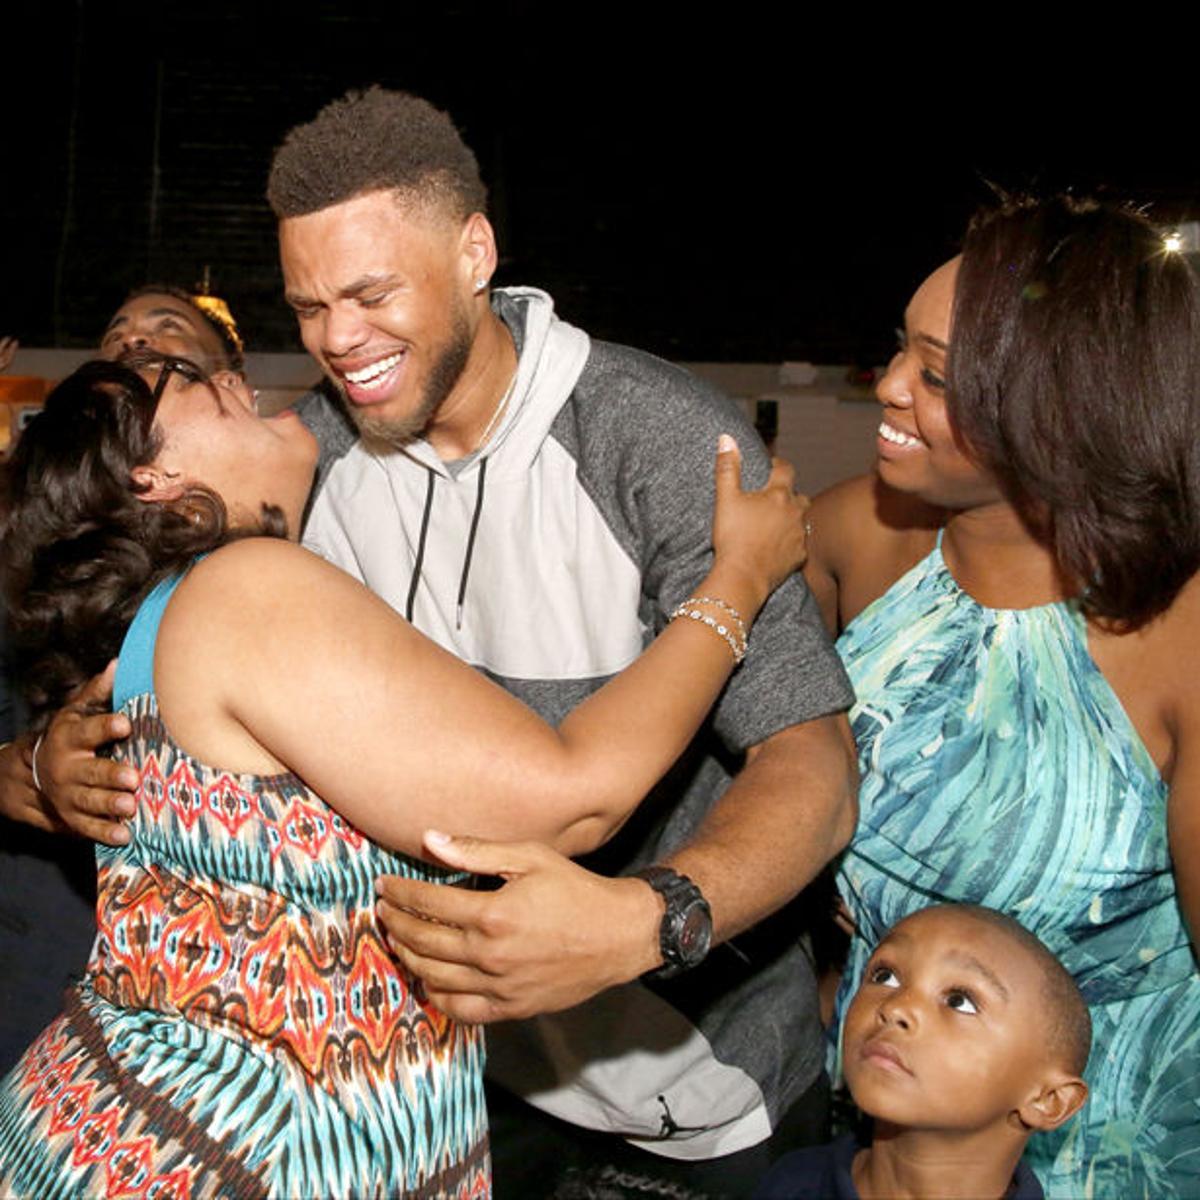 Jus with his mom, Kim | fredericksburg.com